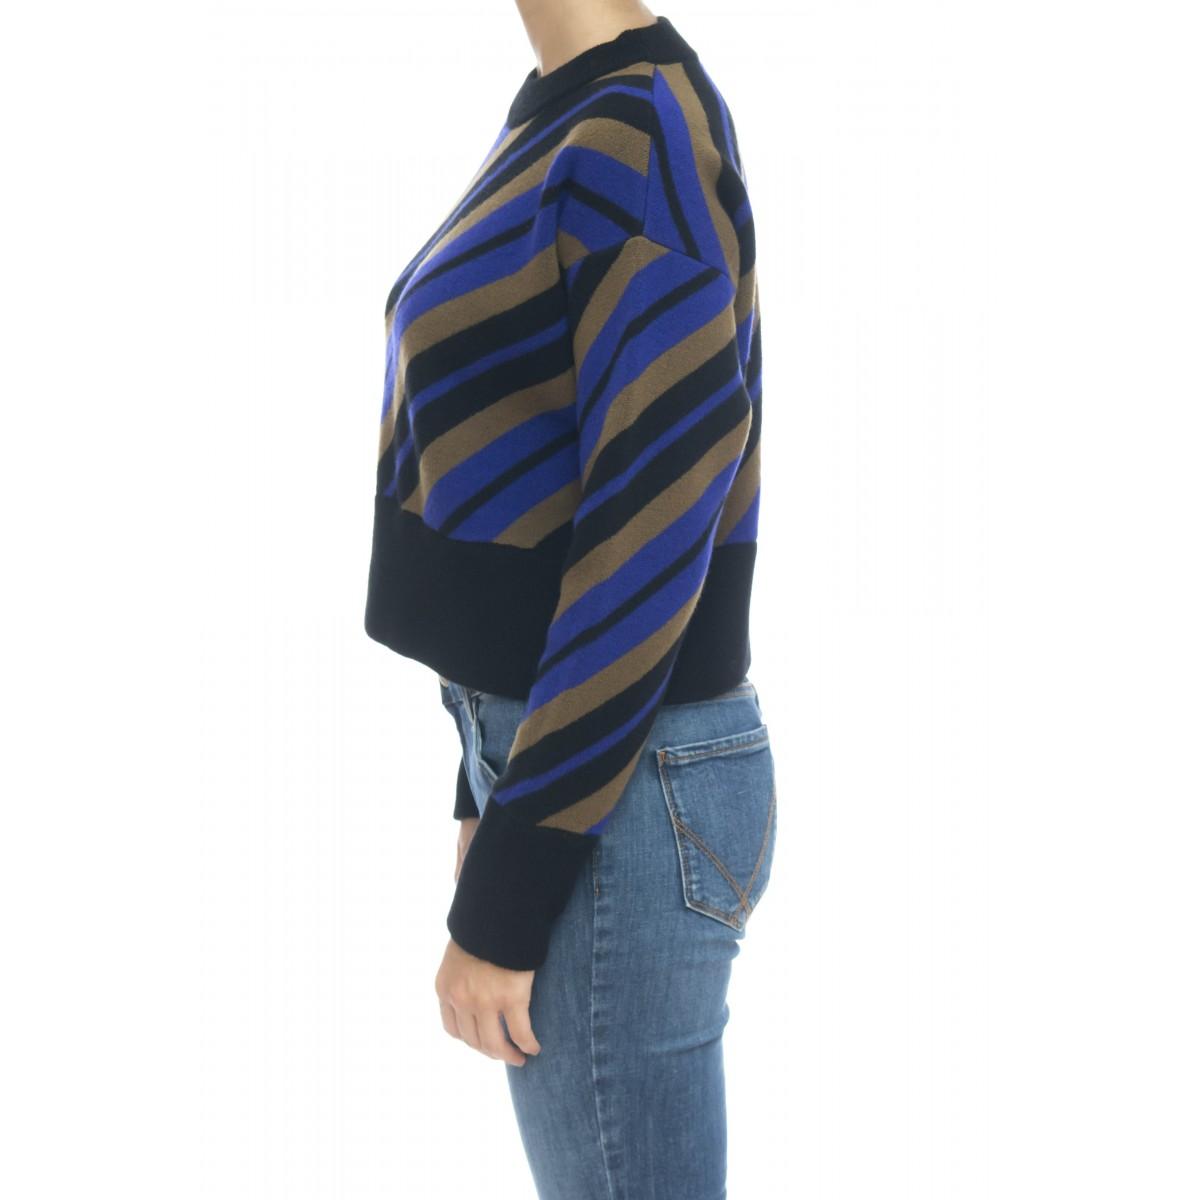 Maglieria - J1079 maglia disegno diagonale